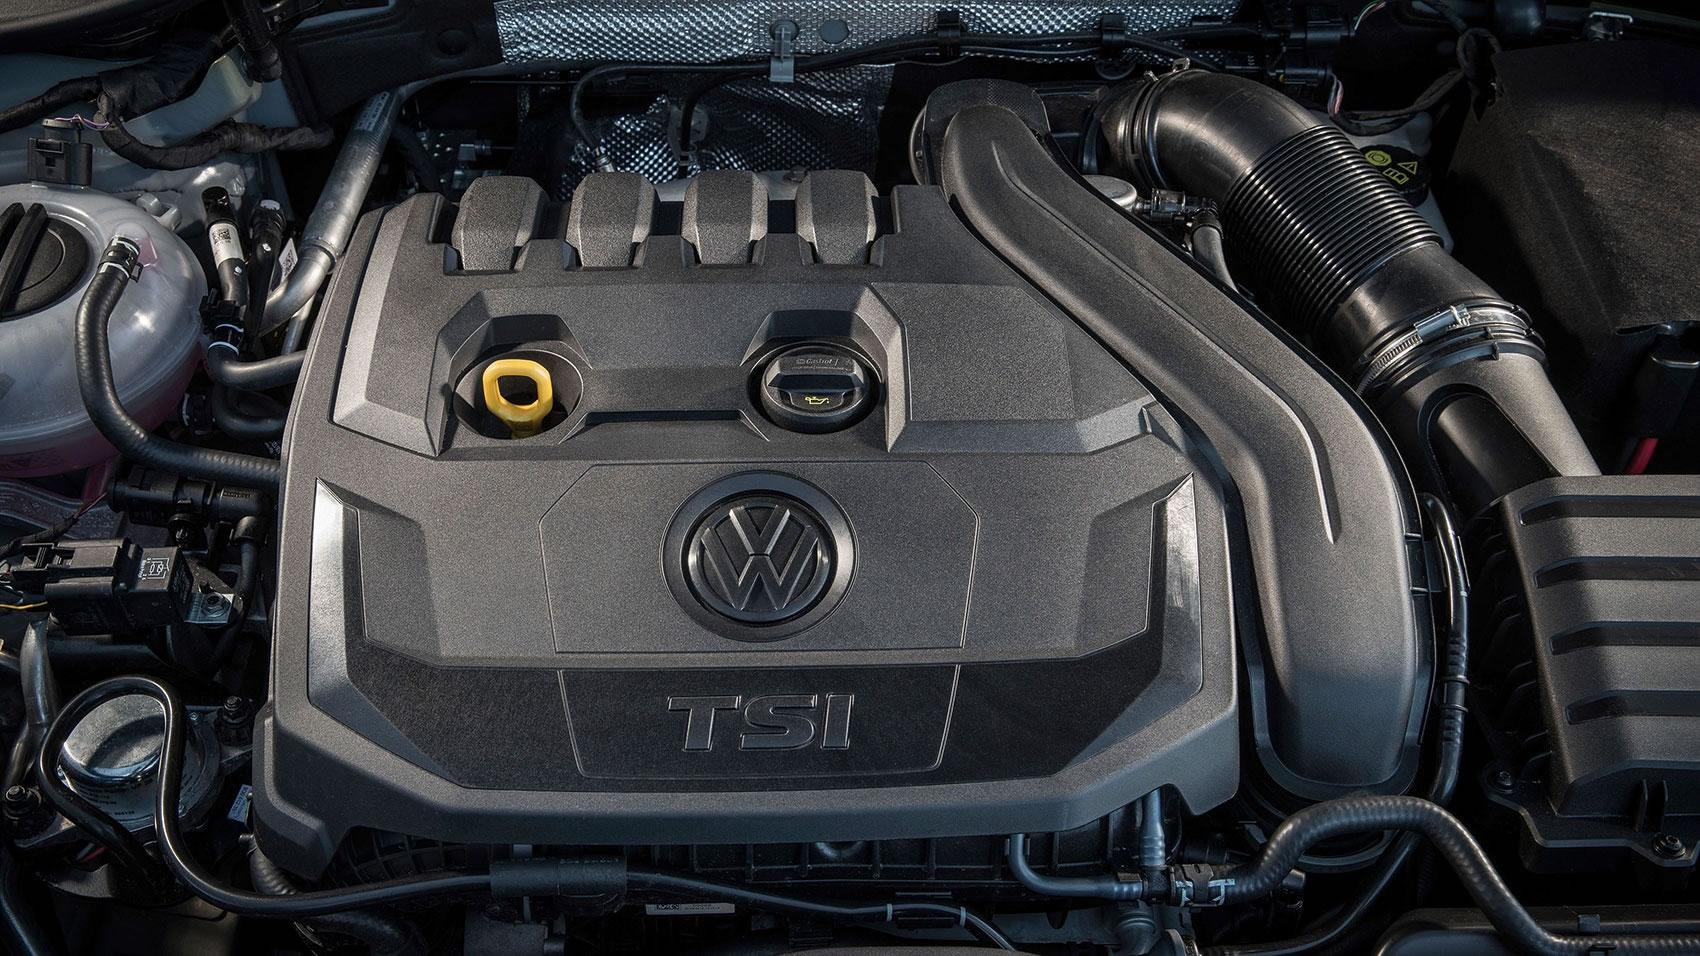 VW Golf 1.5 TSi Evo Yakıt Tüketimi